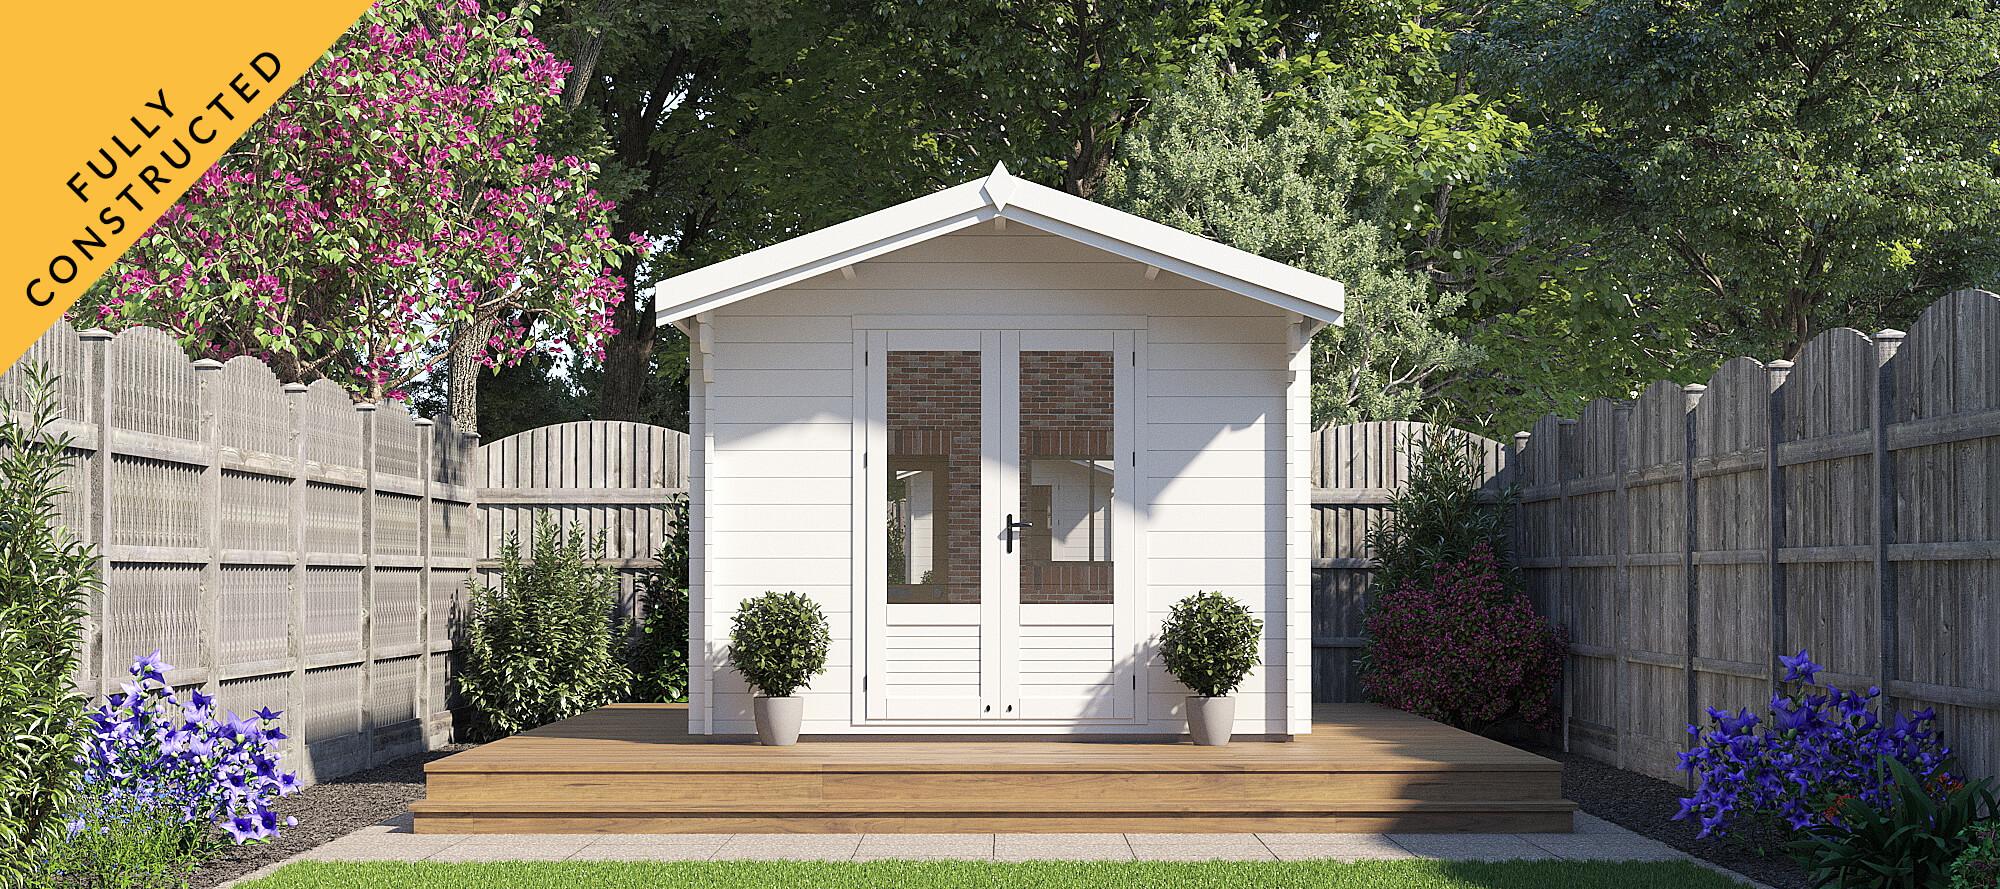 Small Garden Building